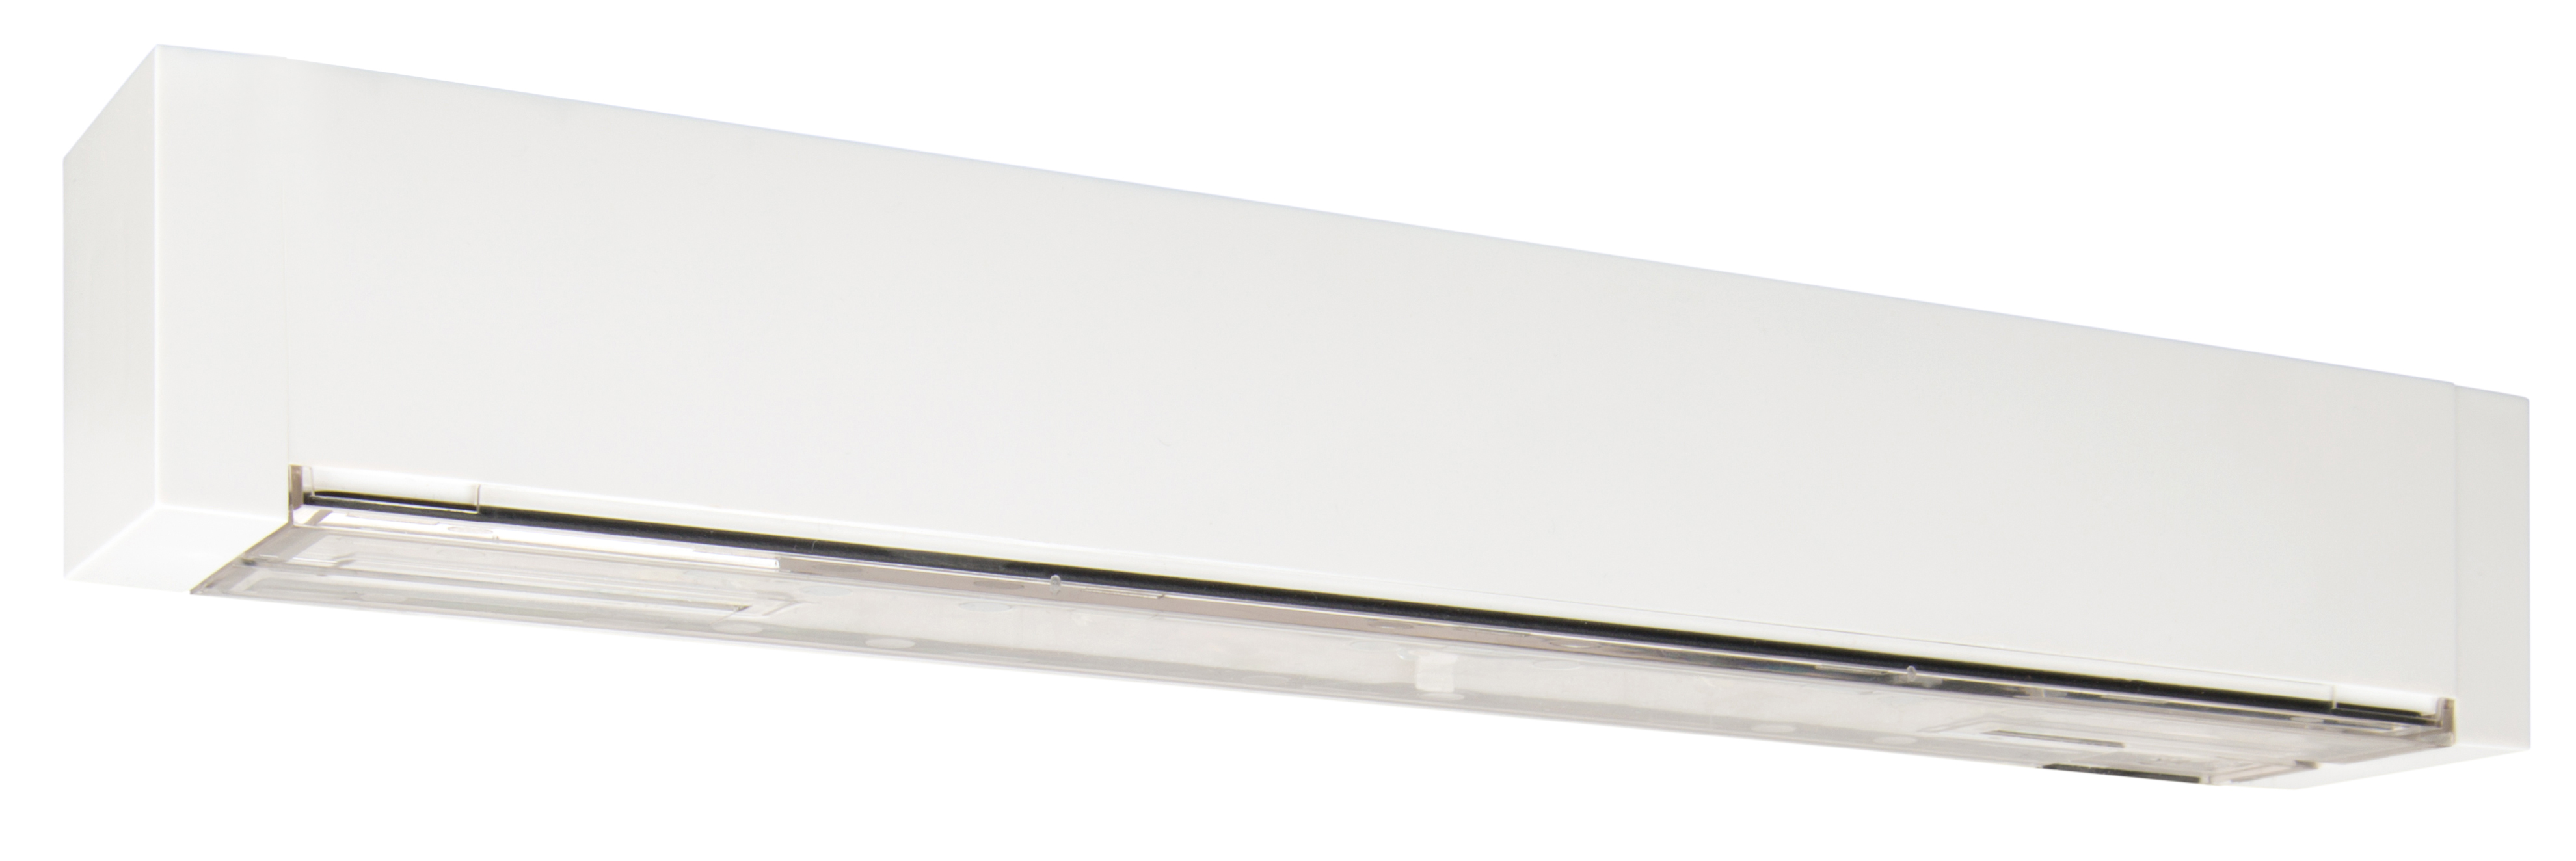 1 Stk Notleuchte KB Überwachung und Mischbetrieb ERT-LED 230V NLKBU029ML